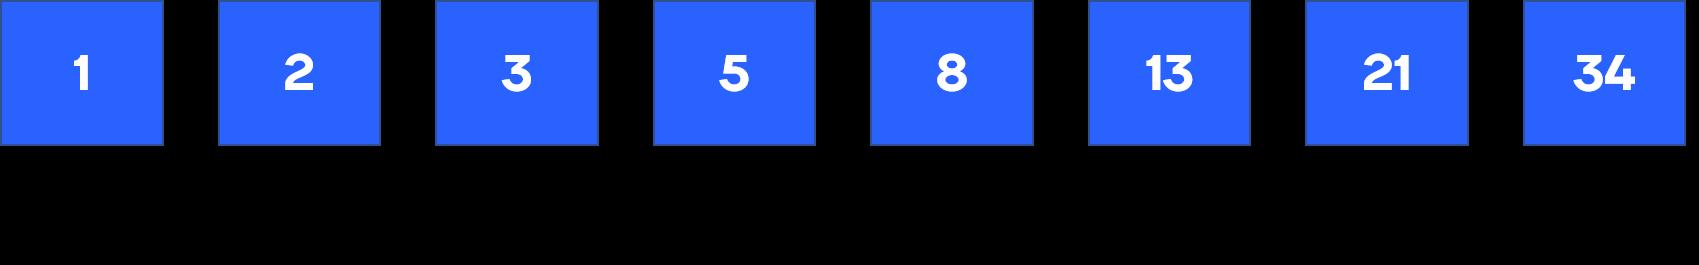 estimacion1